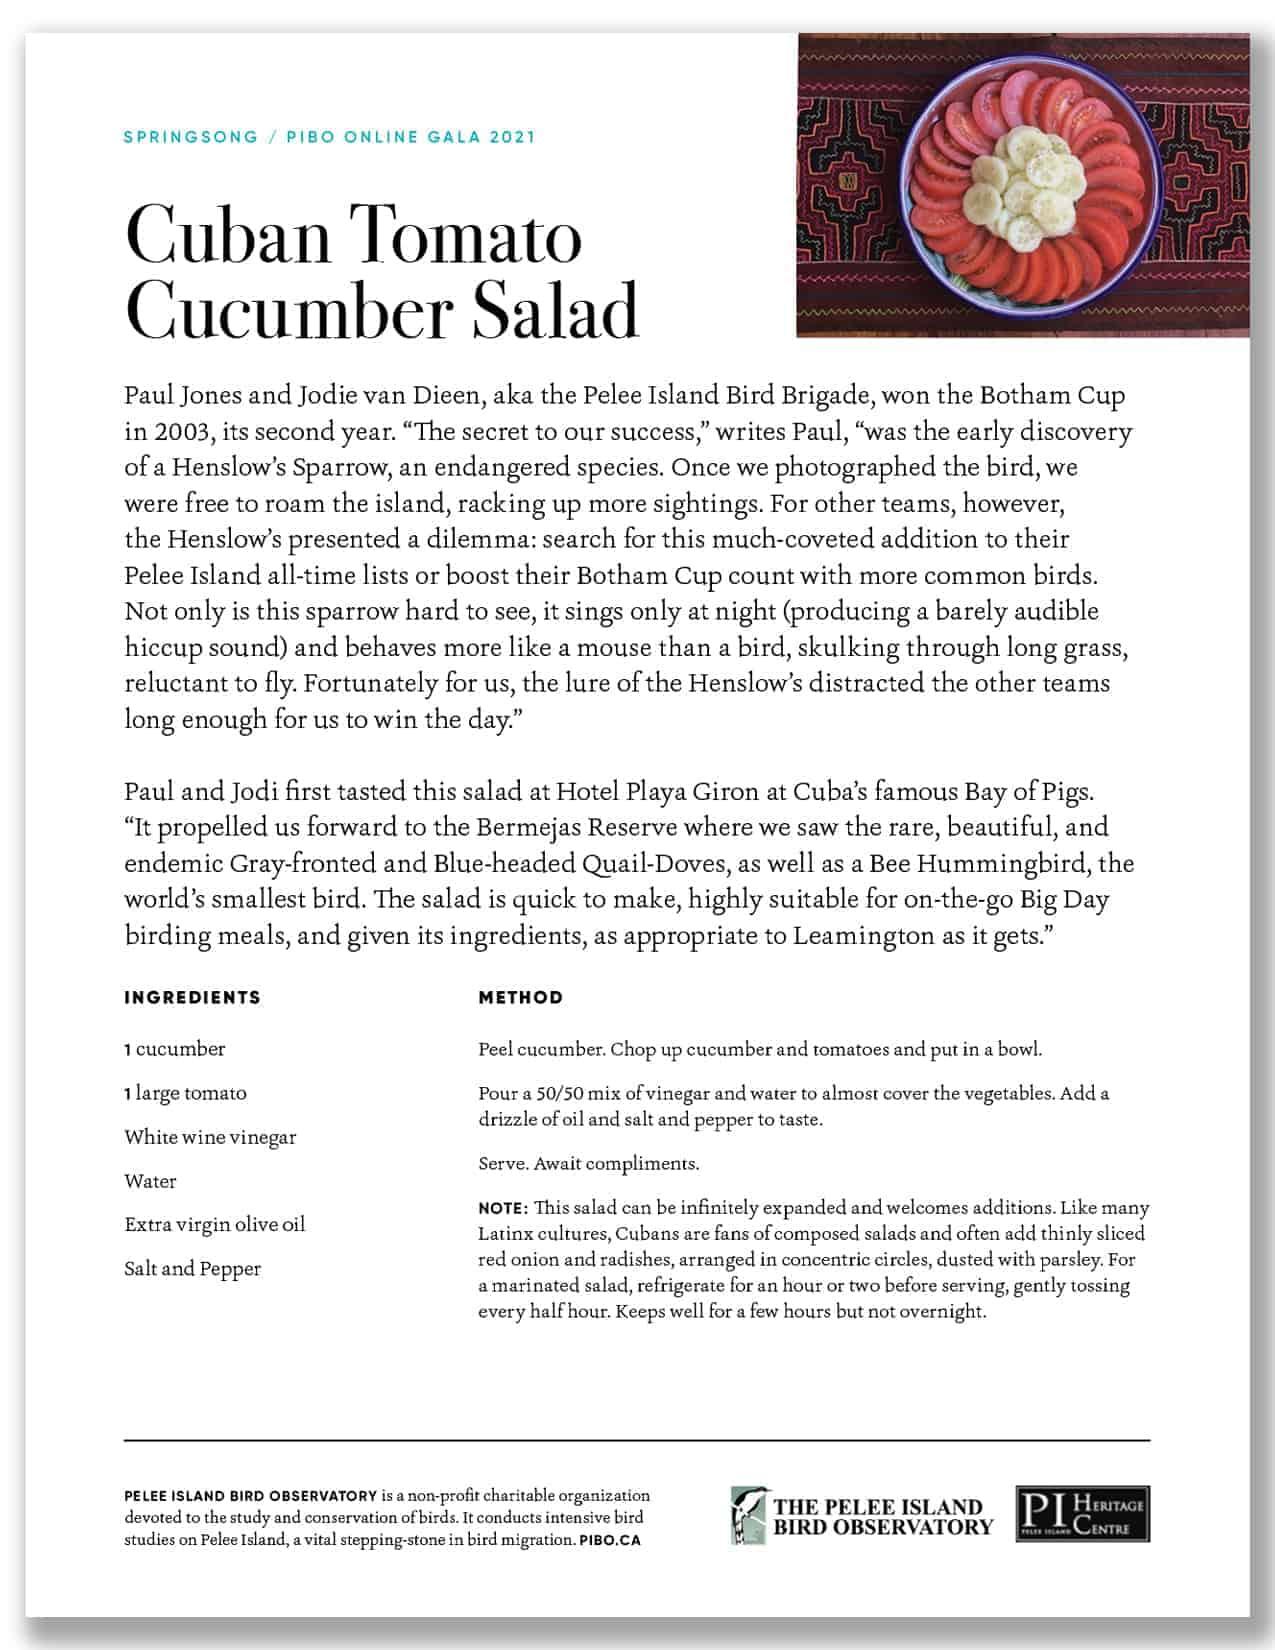 Cuban Cucumber Salad